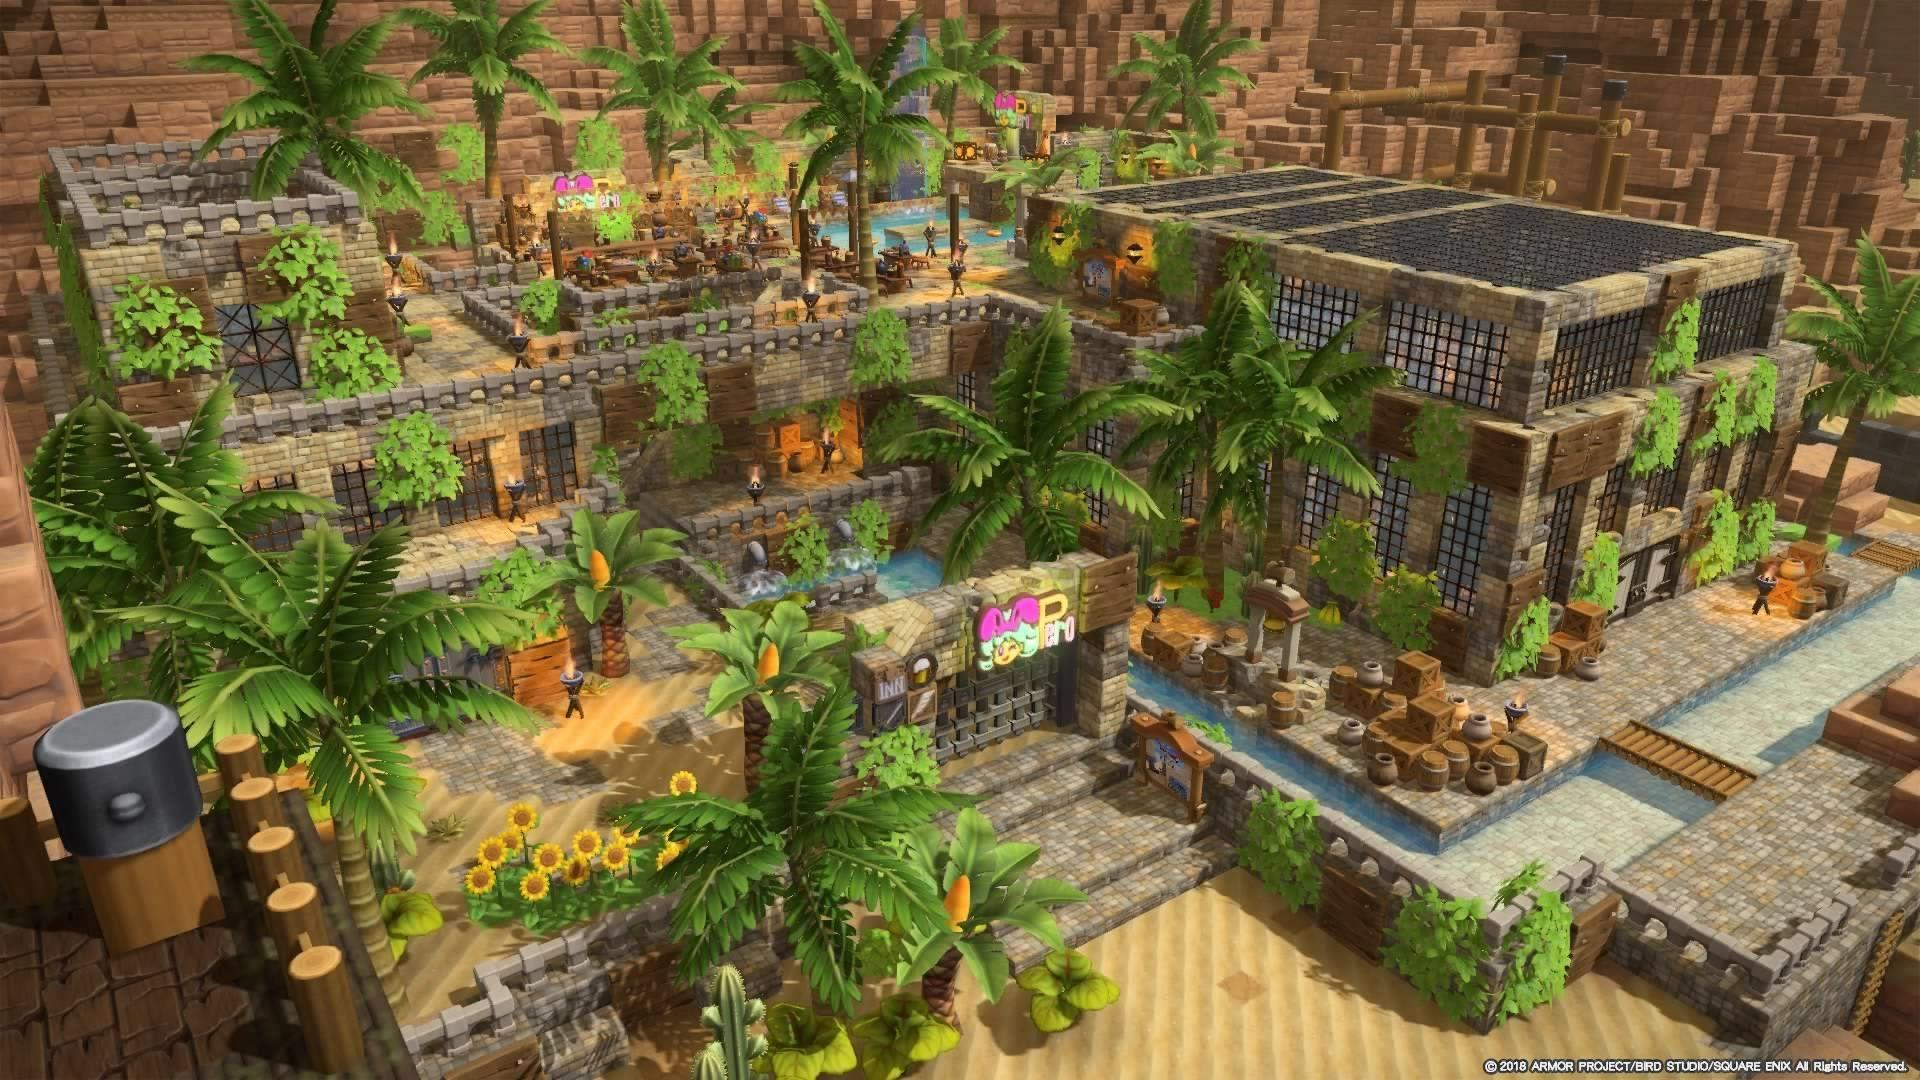 ビルダーズギャラリー ドラゴンクエストビルダーズ2 Square Enix シドー マインクラフトの建物 建築